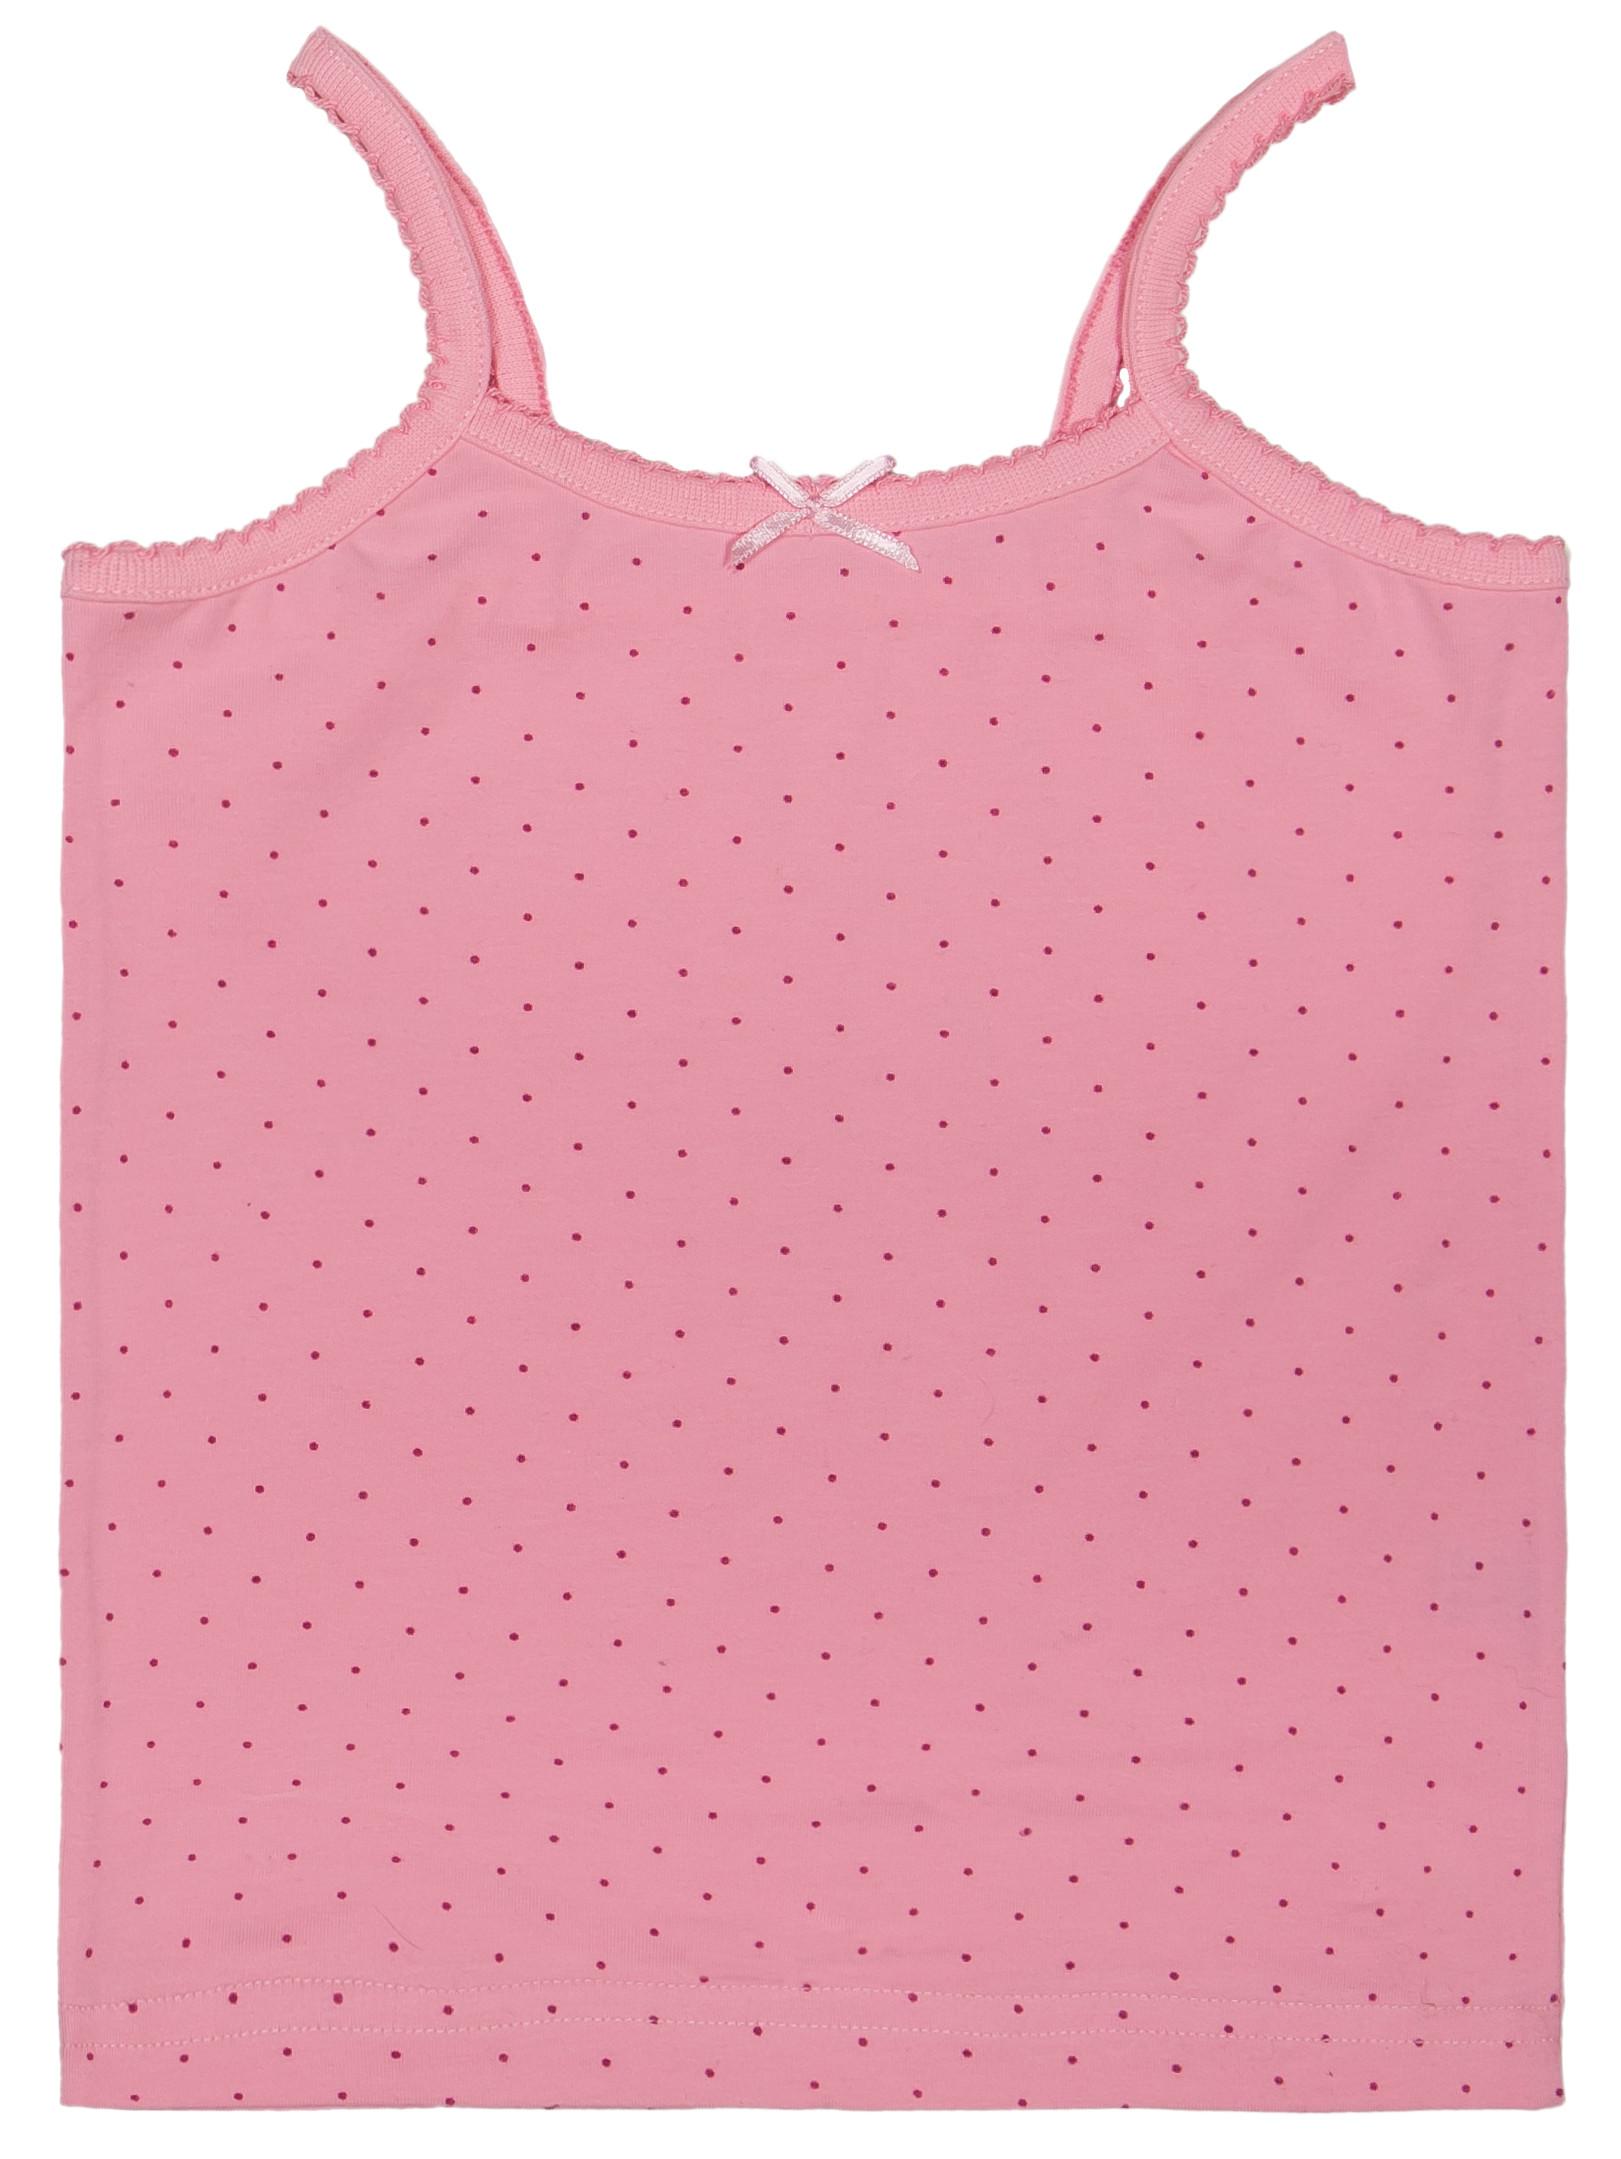 майка для девочки Barkito Бельё SS18 трусы для девочки barkito бельё ss18 белые с рисунком розовые